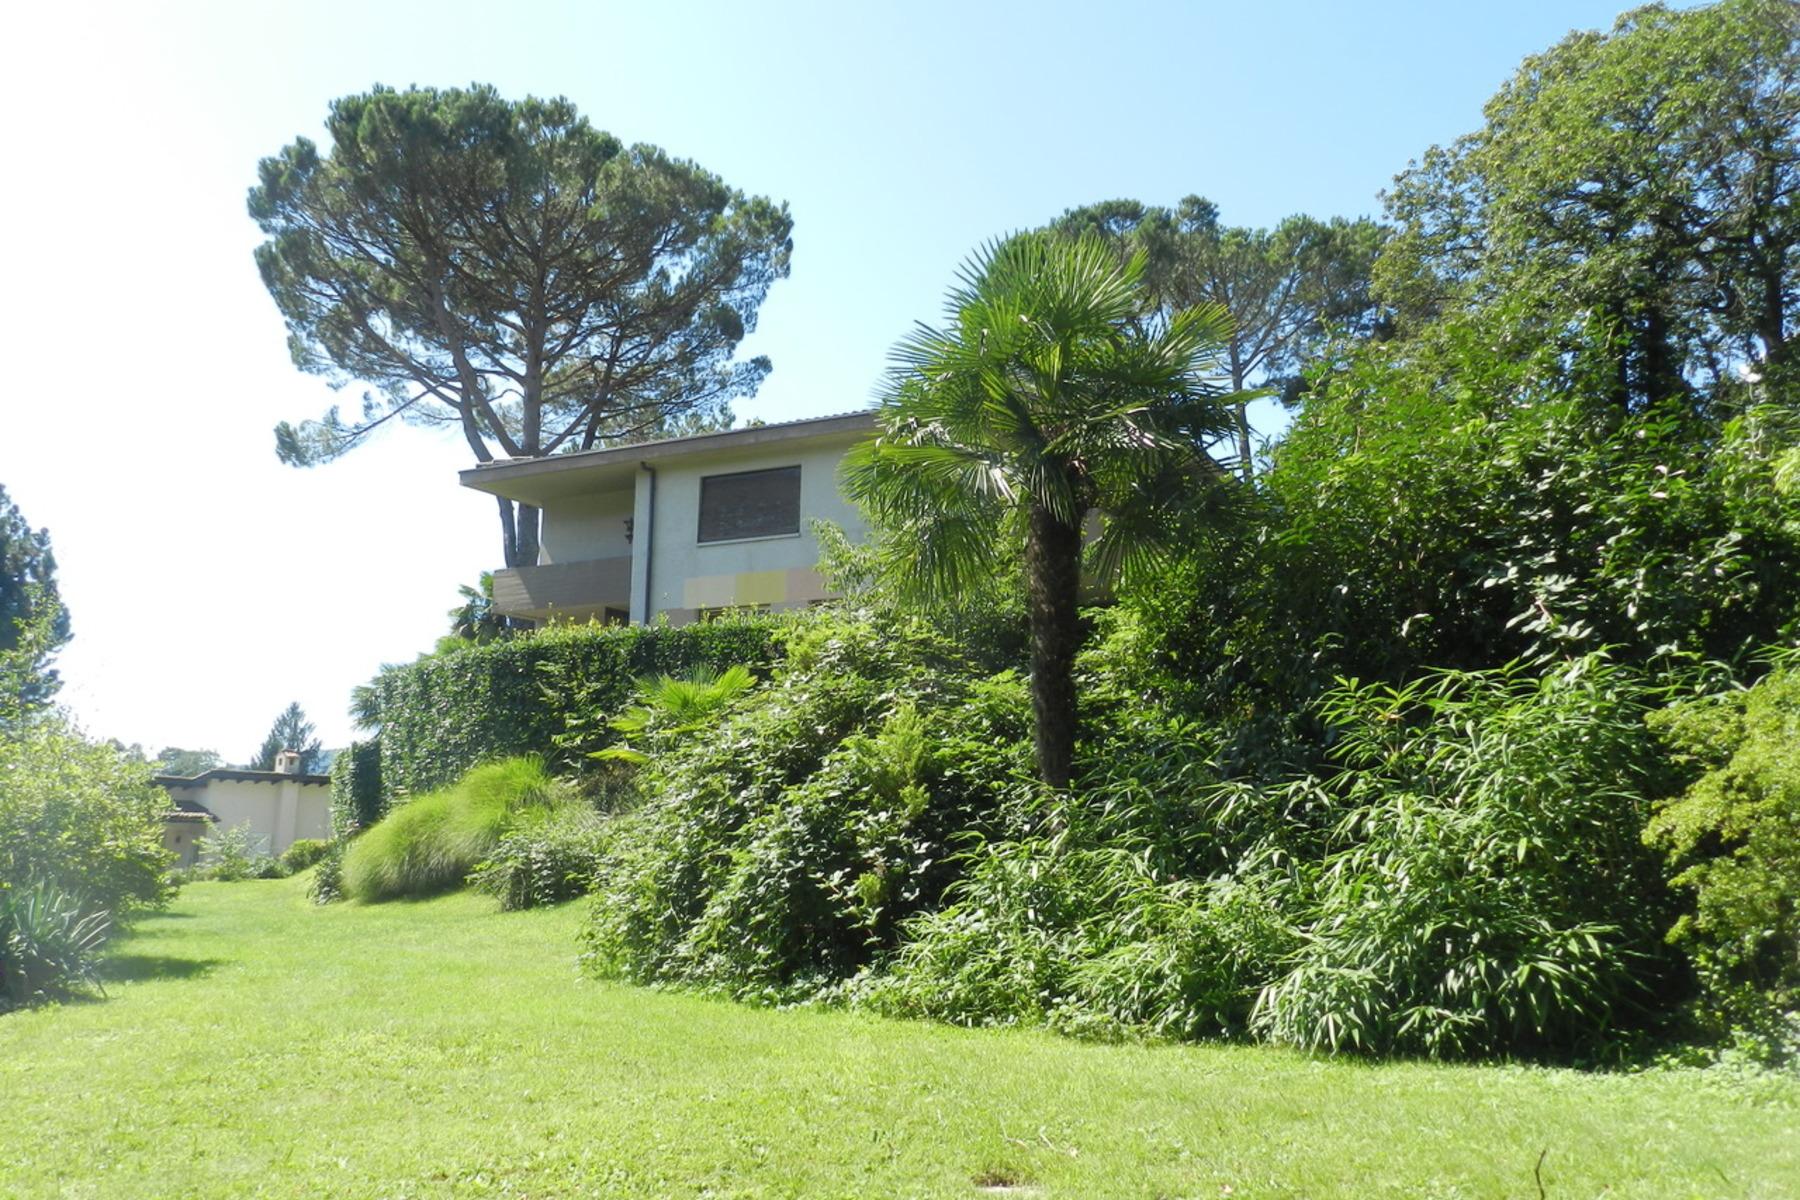 Частный односемейный дом для того Продажа на Family house in the green with large garden Origlio, Other Switzerland, Другие Регионы В Швейцарии, 6945 Швейцария